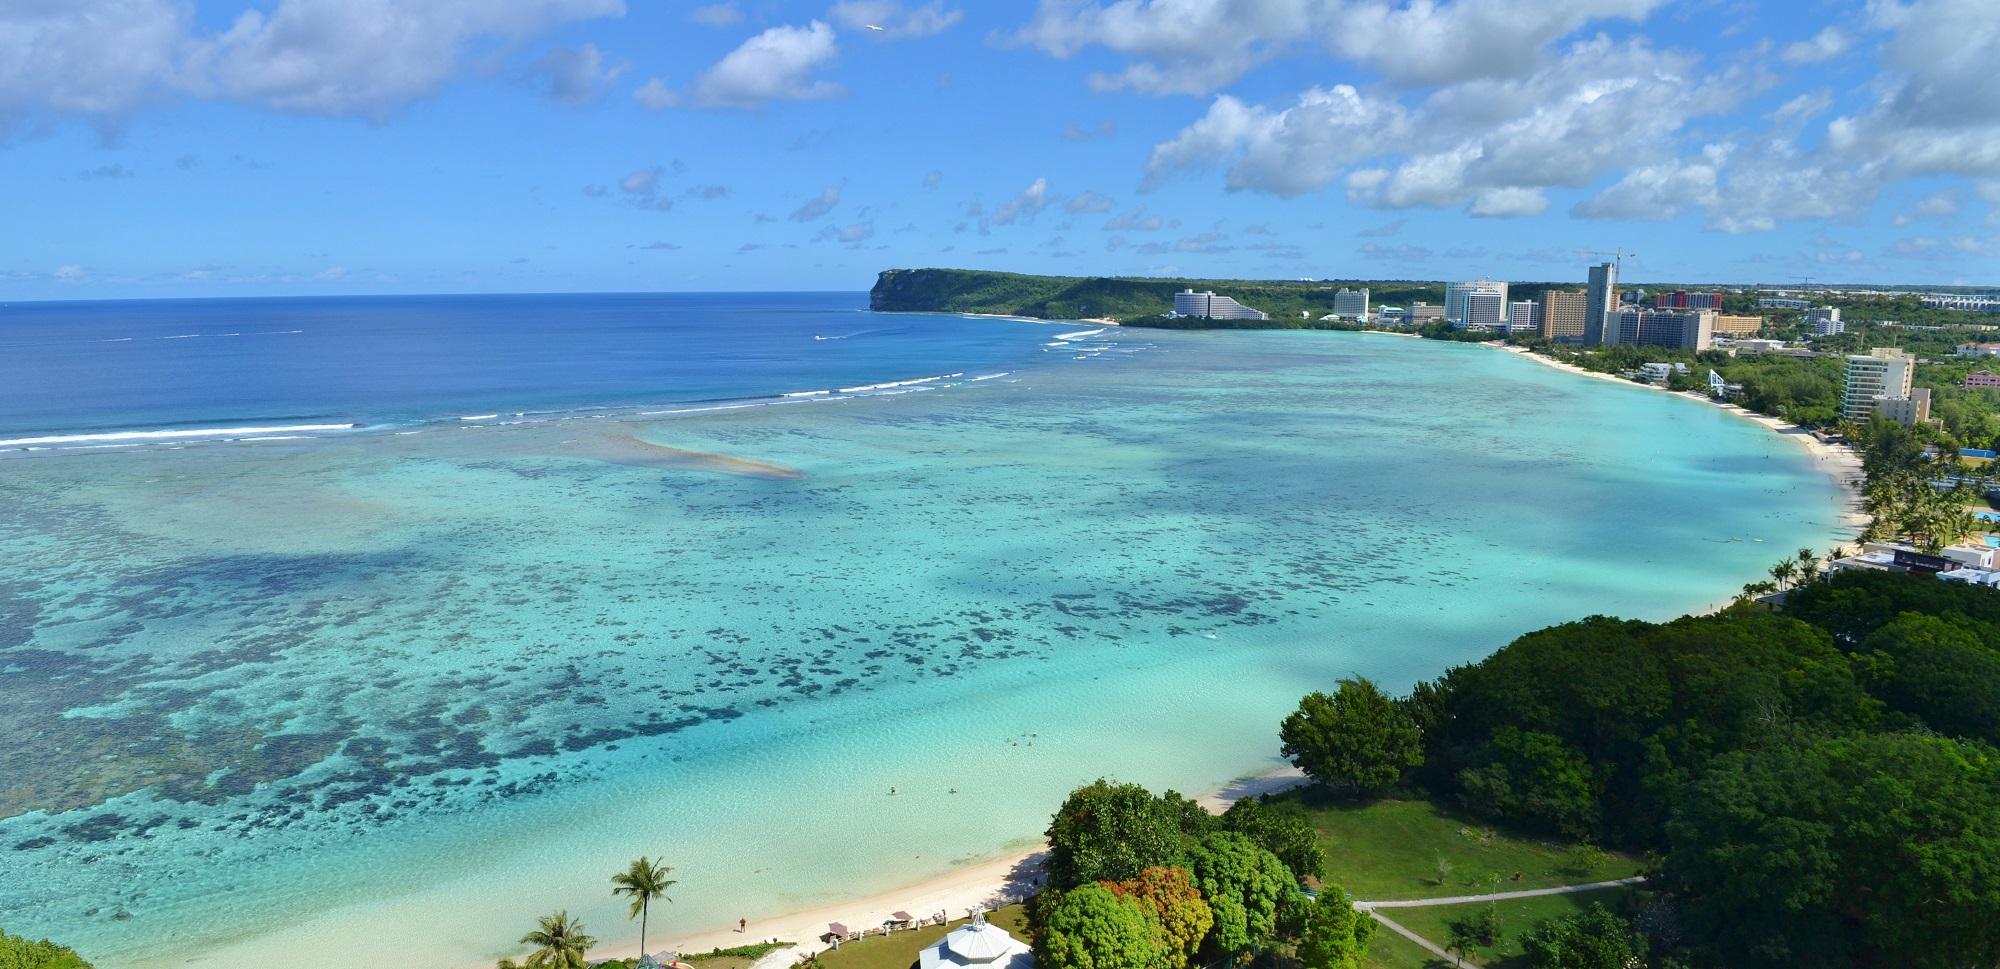 Guam Shutterstock/Michael Fitzsimmons